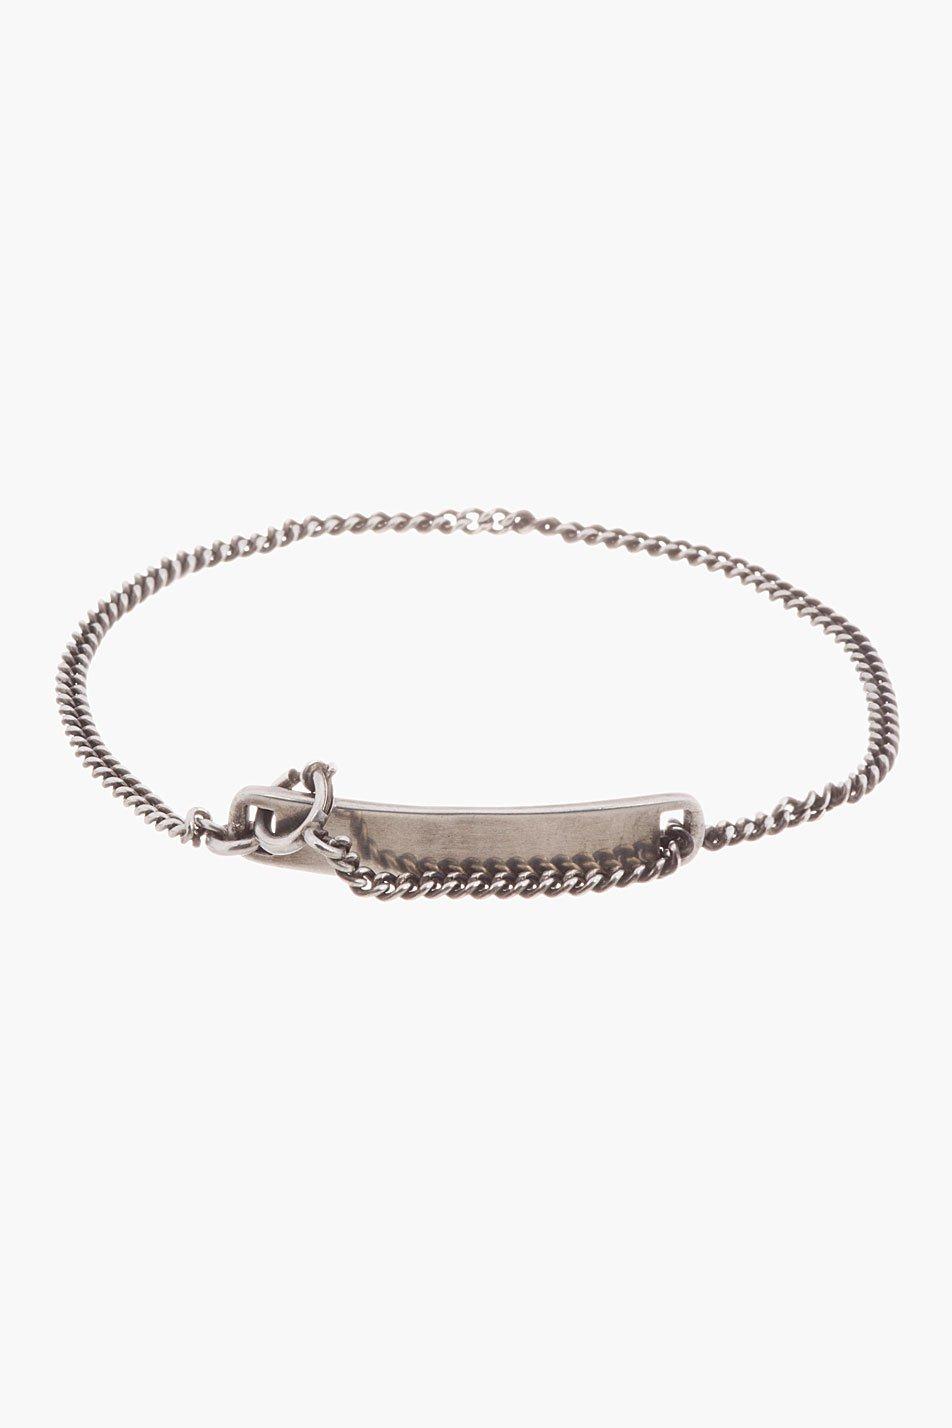 ann demeulemeester silver chain i.d. bracelet